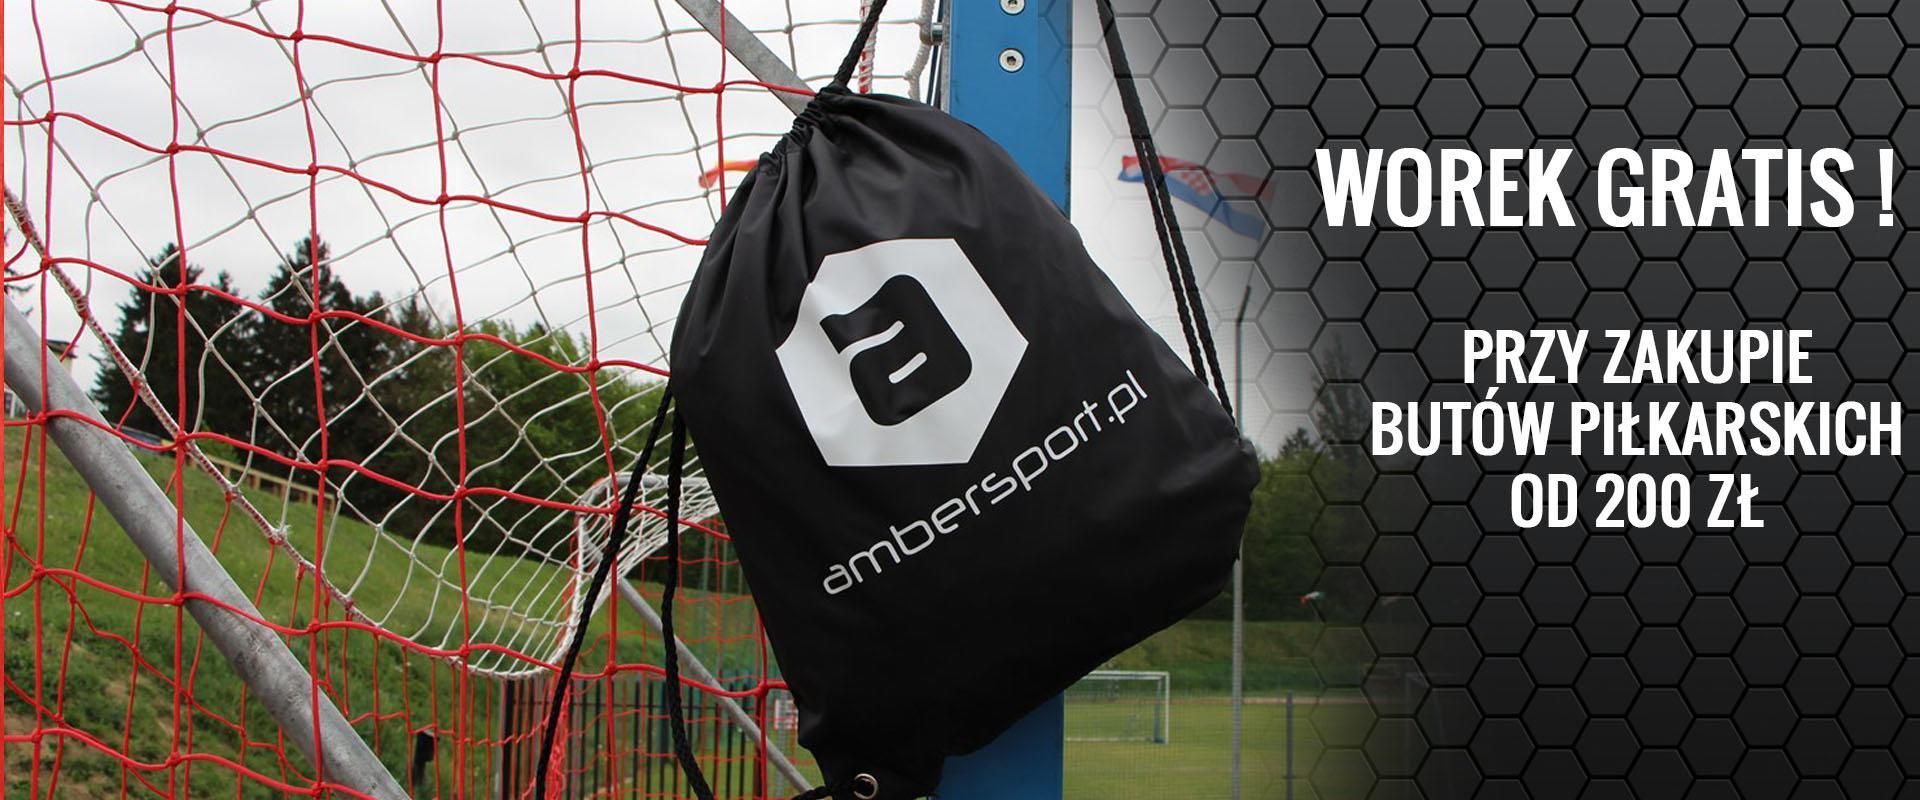 d0332056dc3a3 Piłka nożna, sprzęt dla piłkarza, piłkarzy, piłkarski sklep internetowy -  ambersport.pl